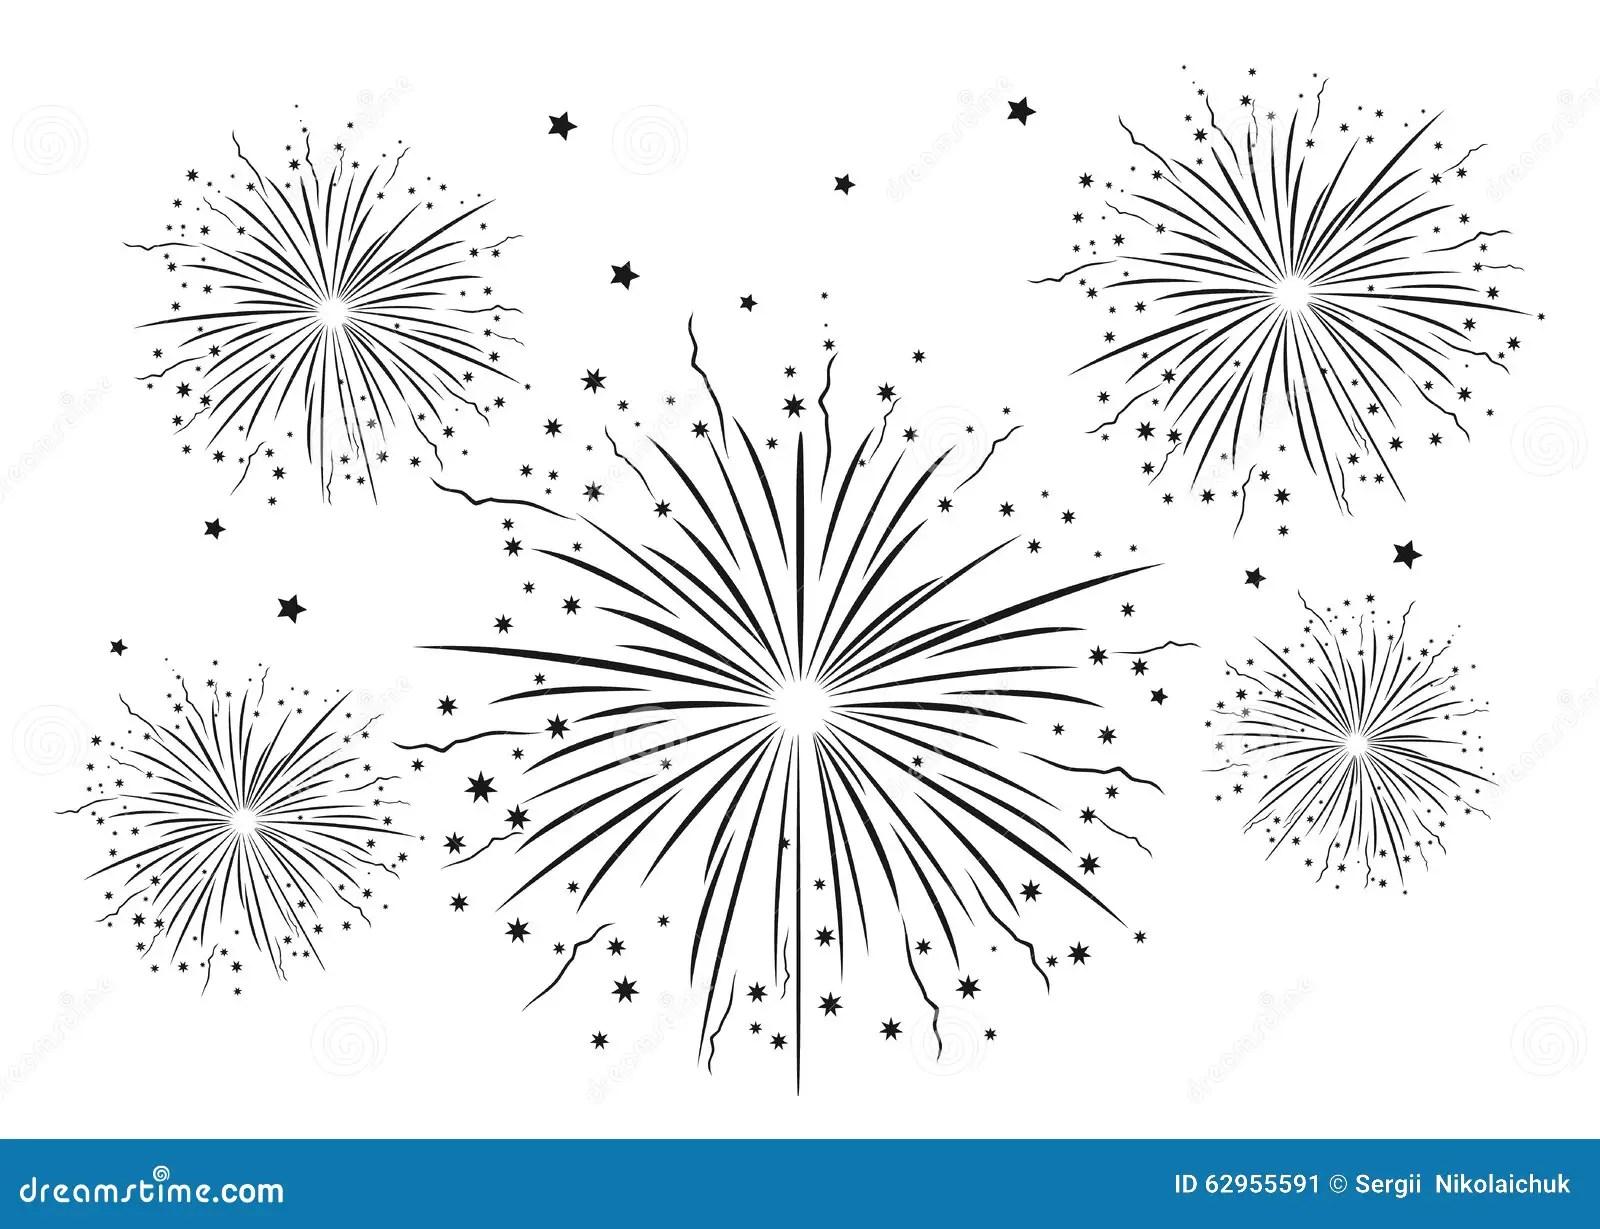 Fireworks Black And White Stock Illustration